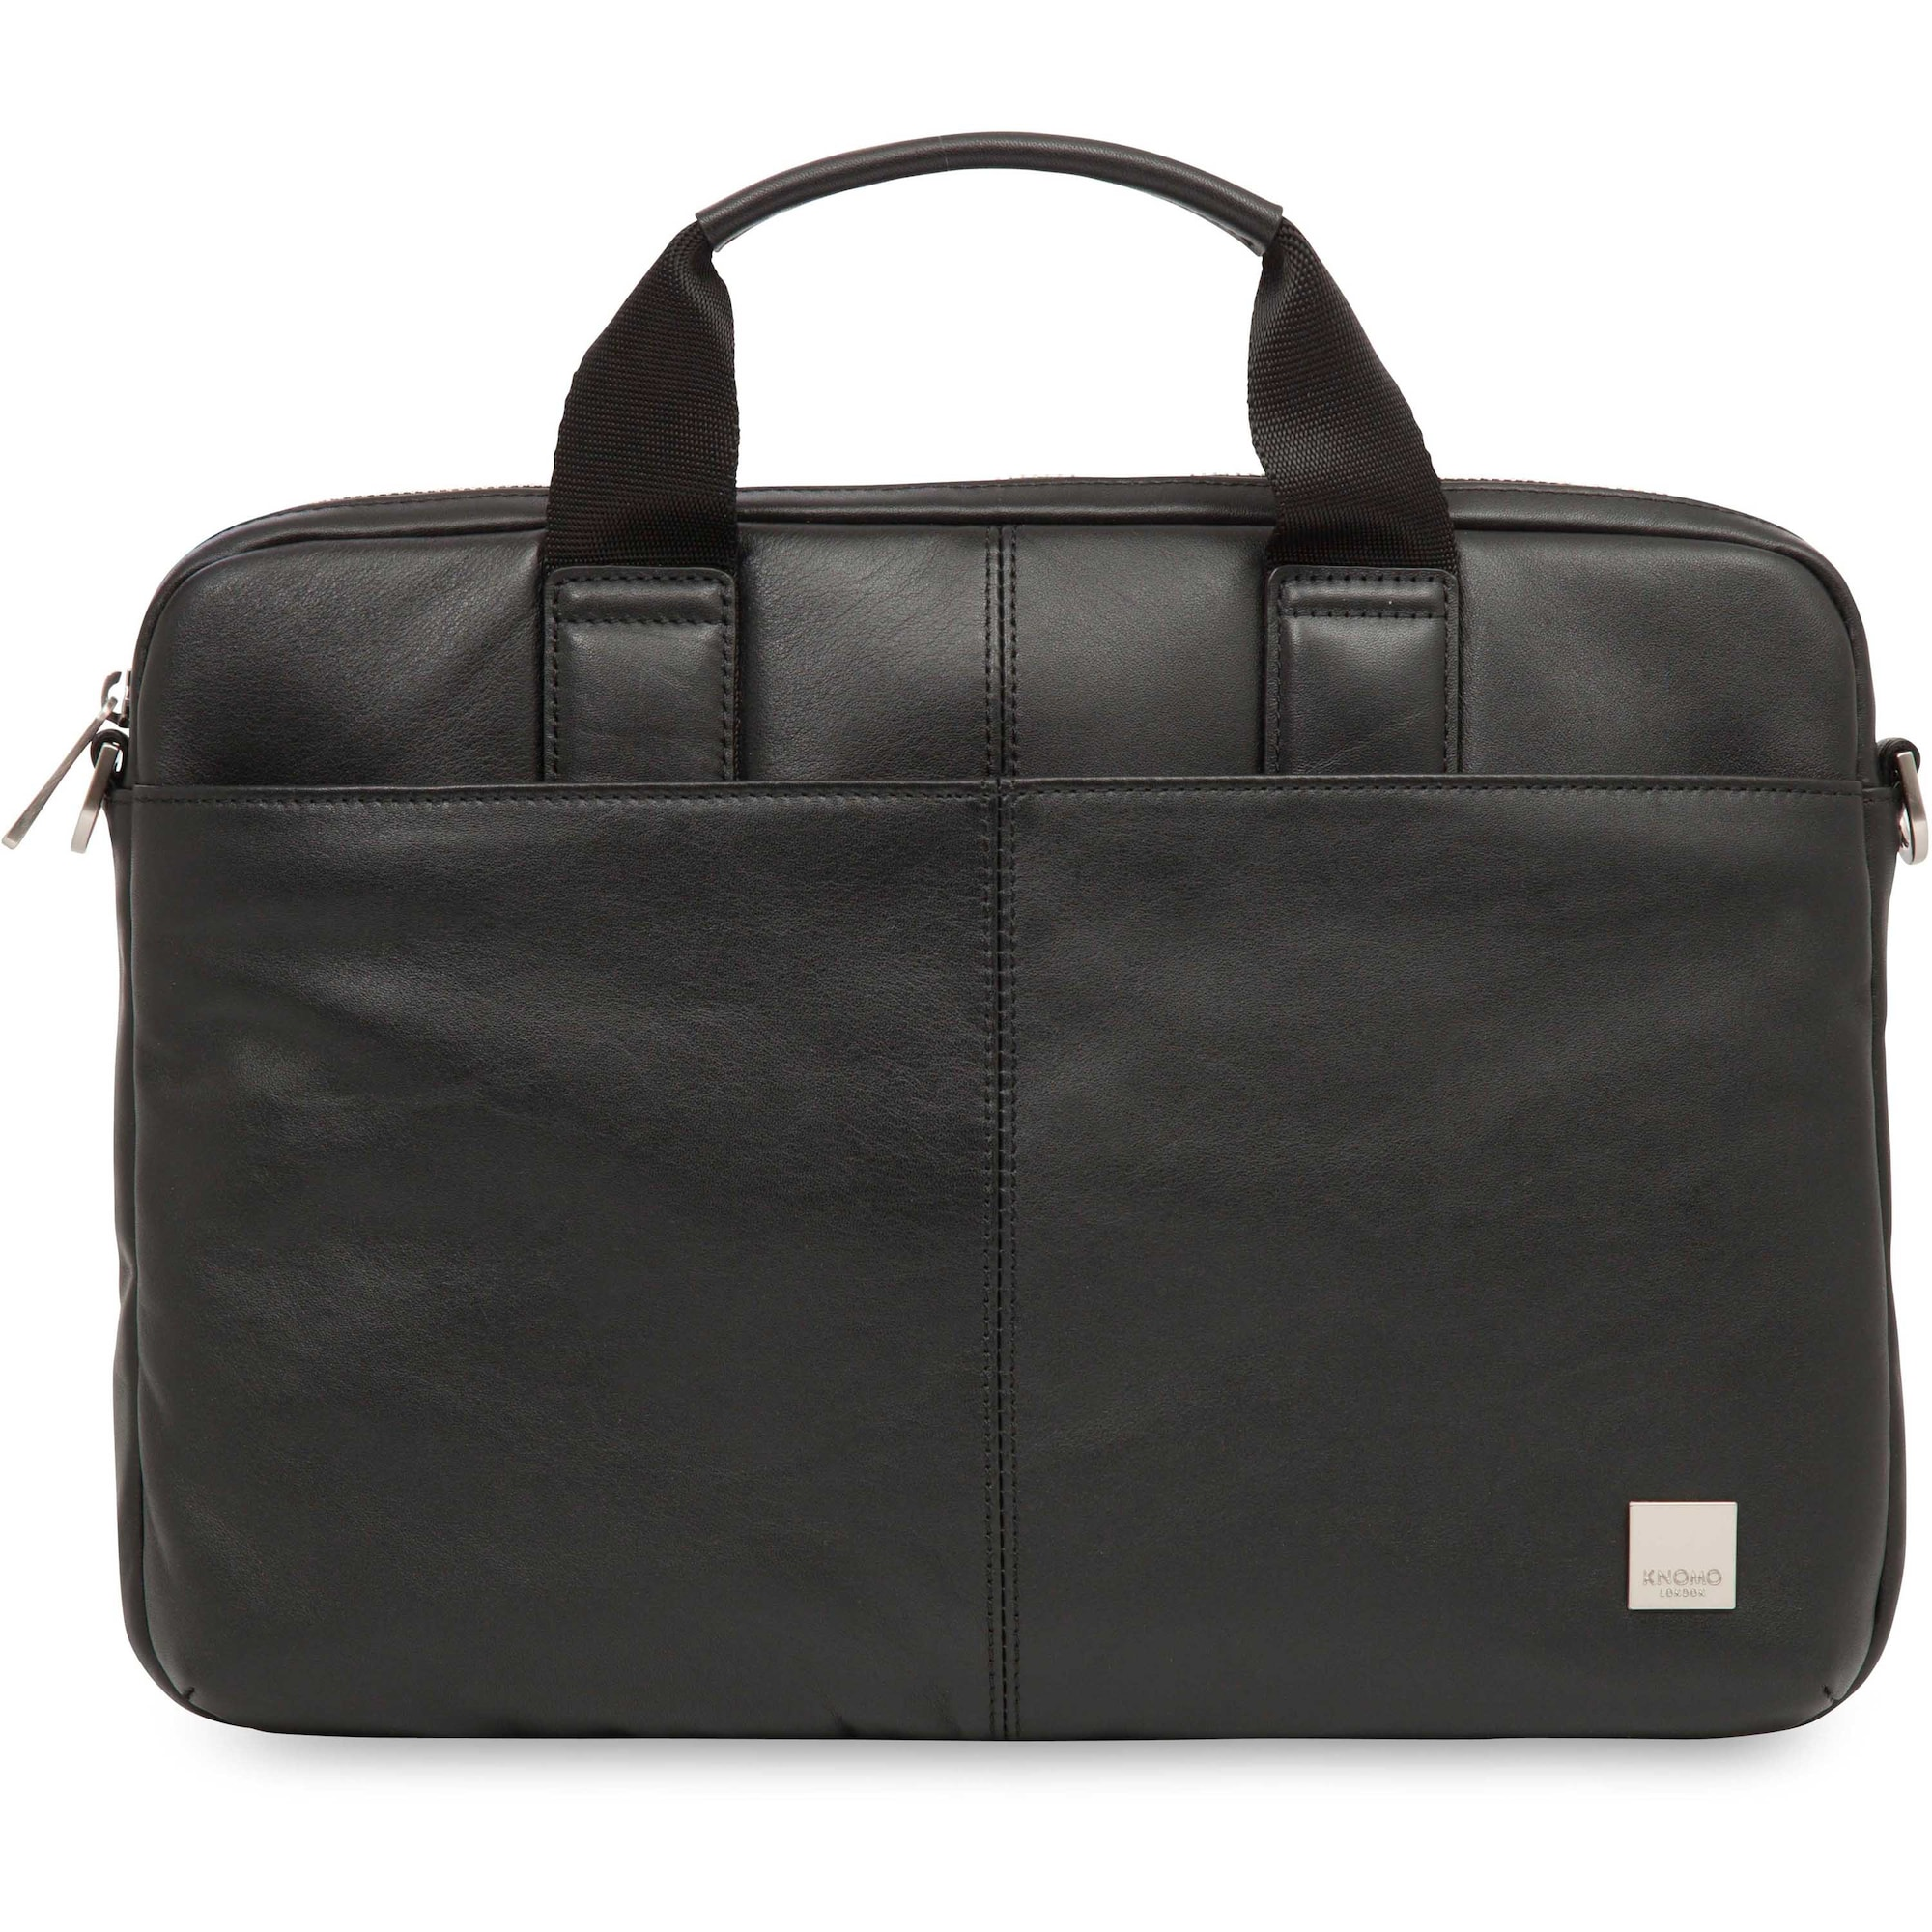 Laptoptasche 'Brompton' | Taschen > Business Taschen | Schwarz | Knomo